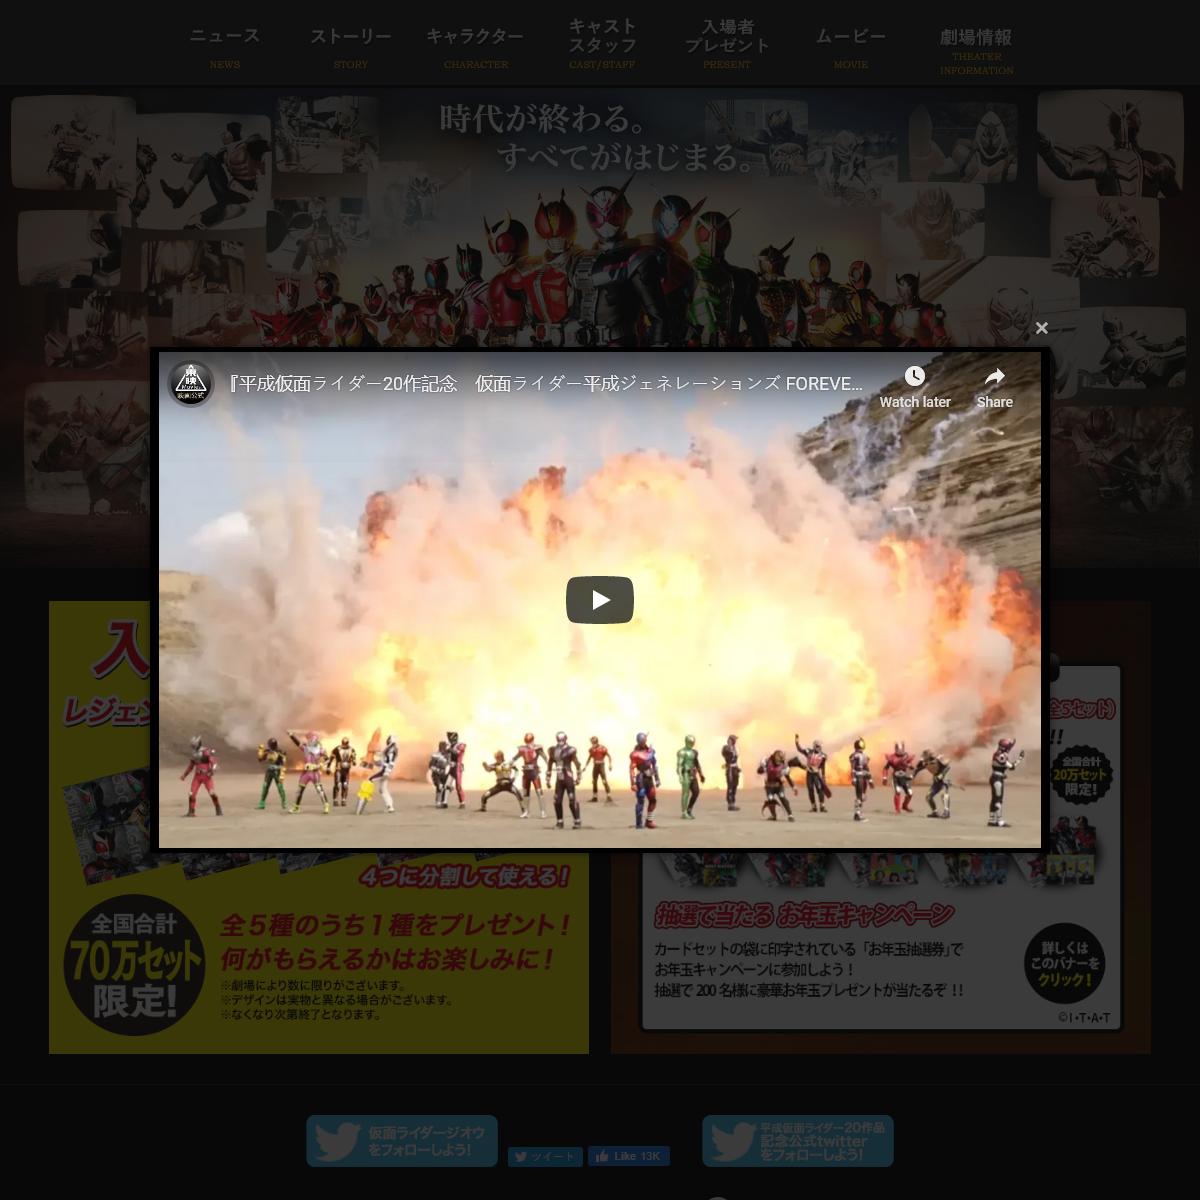 平成仮面ライダー20作記念 仮面ライダー平成ジェネレーションズFOREVER オフィシャルサイト